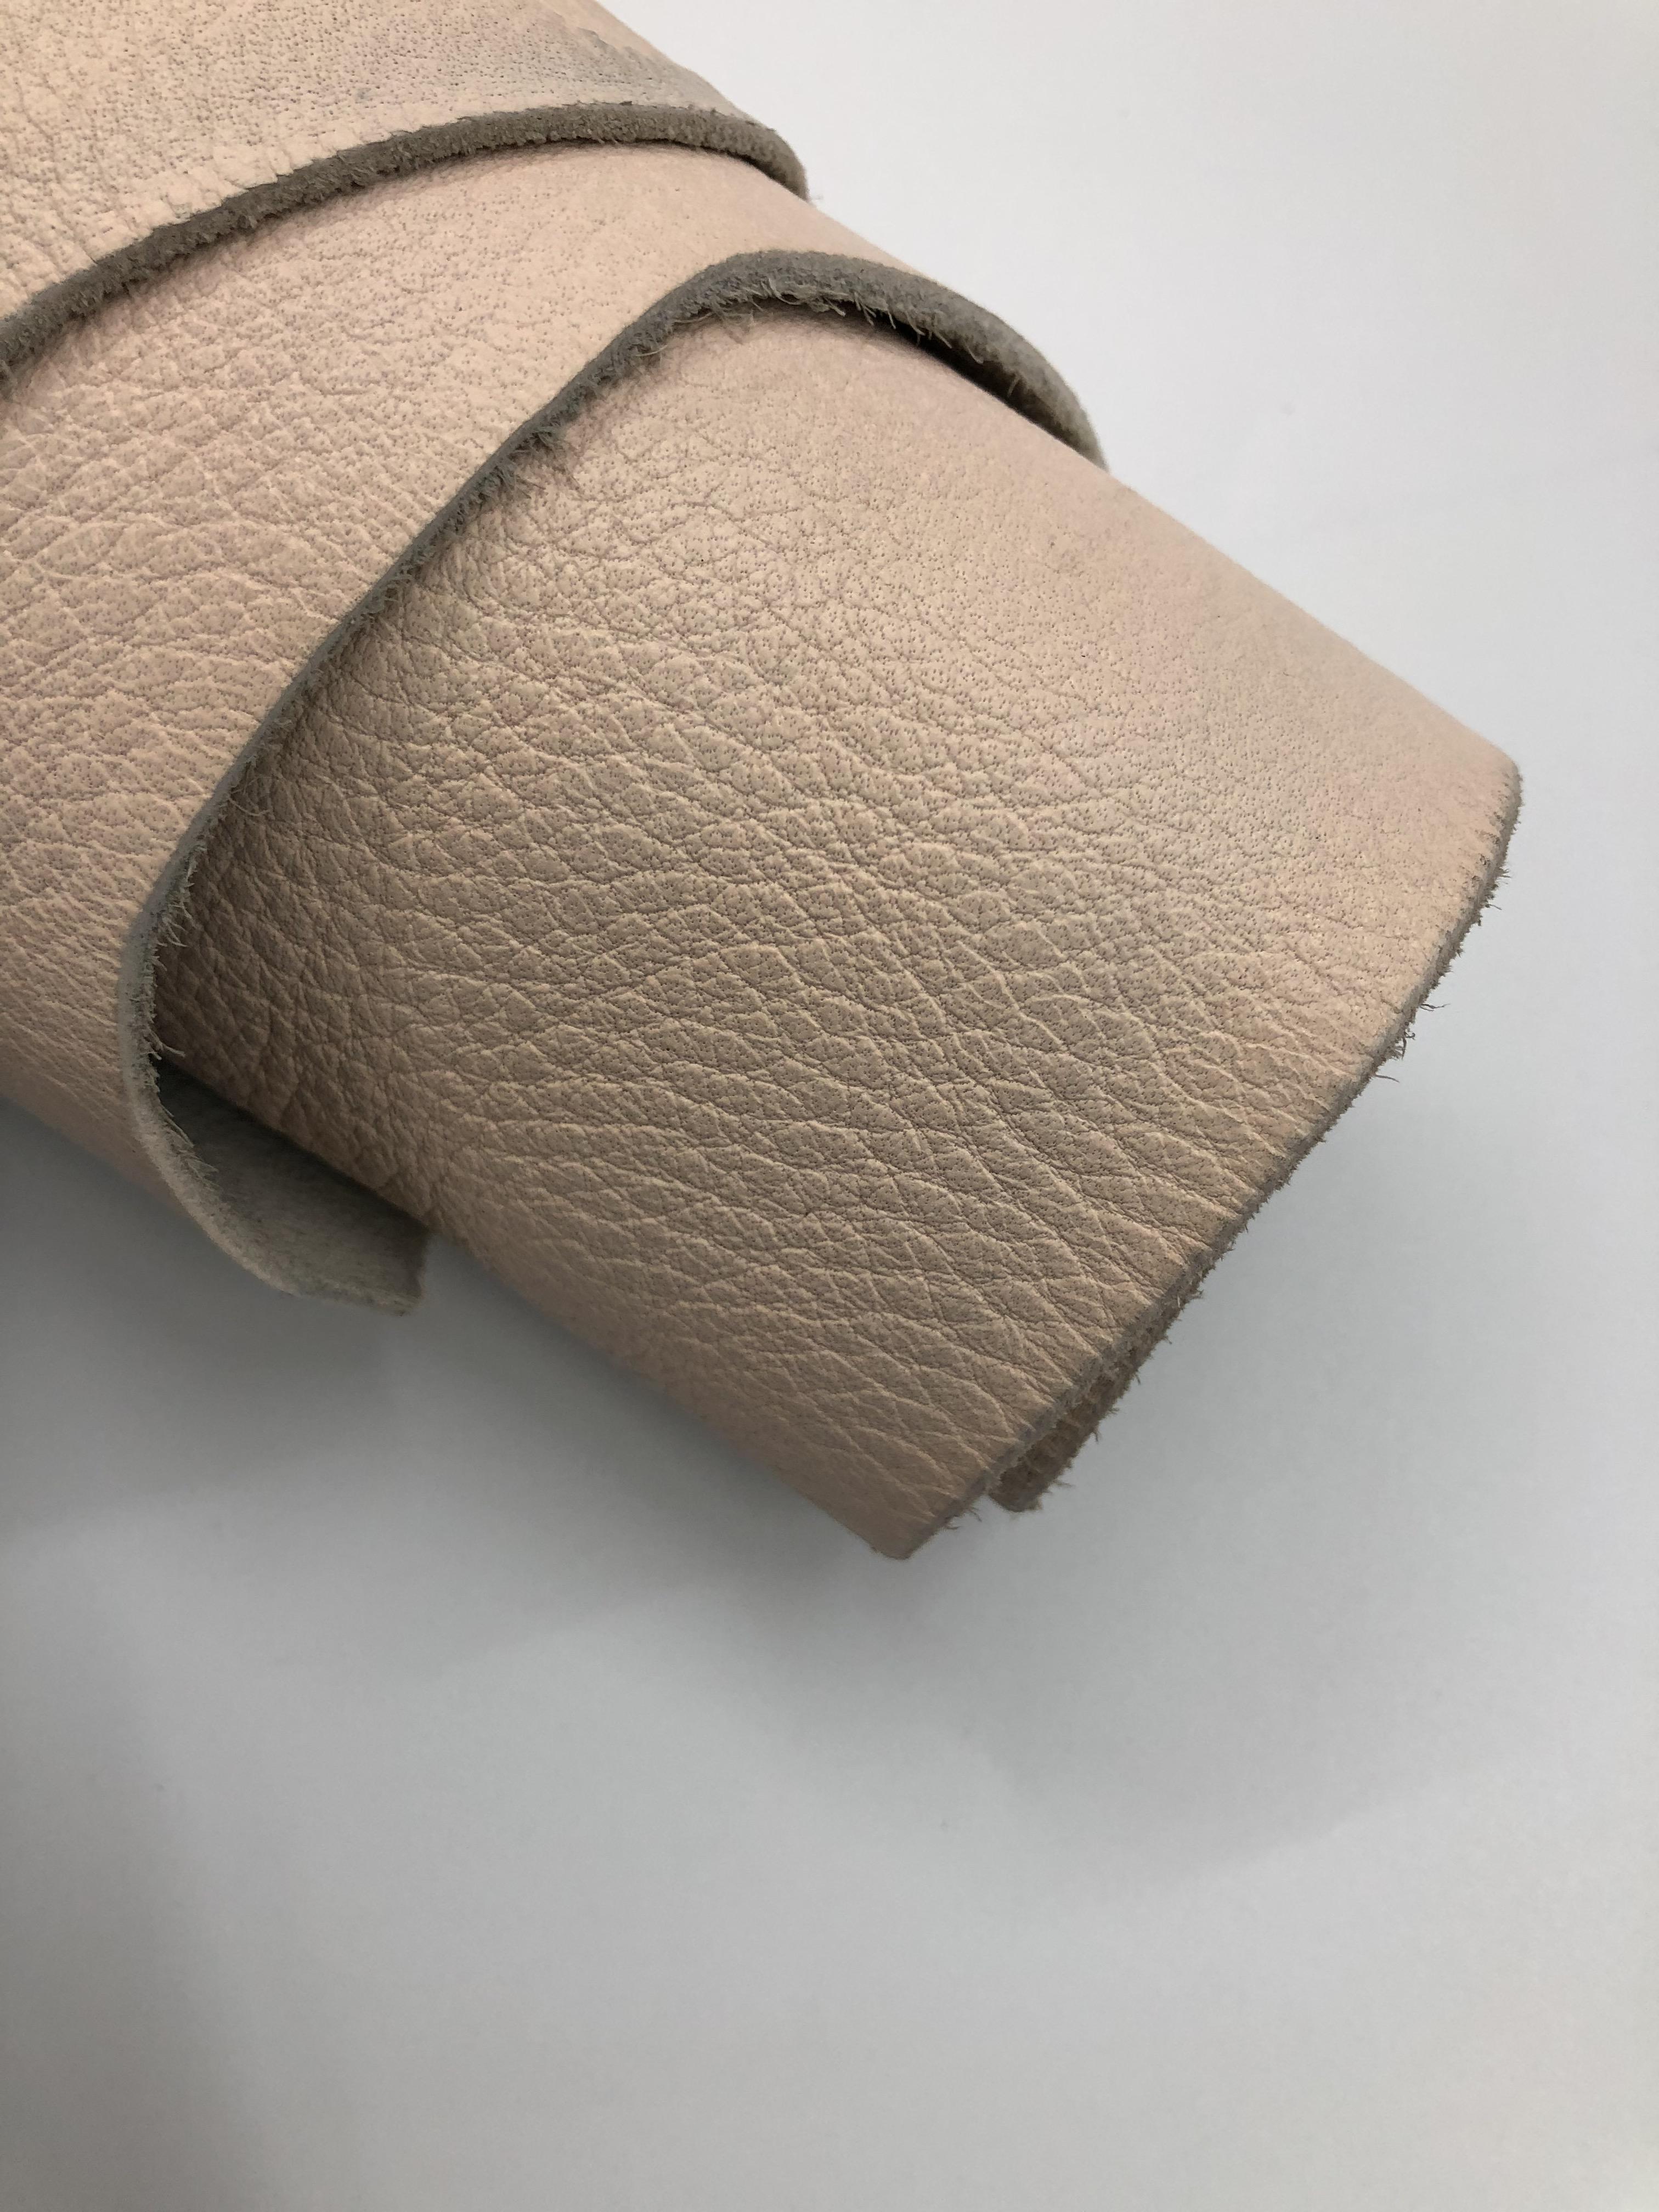 YJ59 厚度1.7-1.9Mm 进口头层粉色荔枝纹 适中 20平方英尺*7元